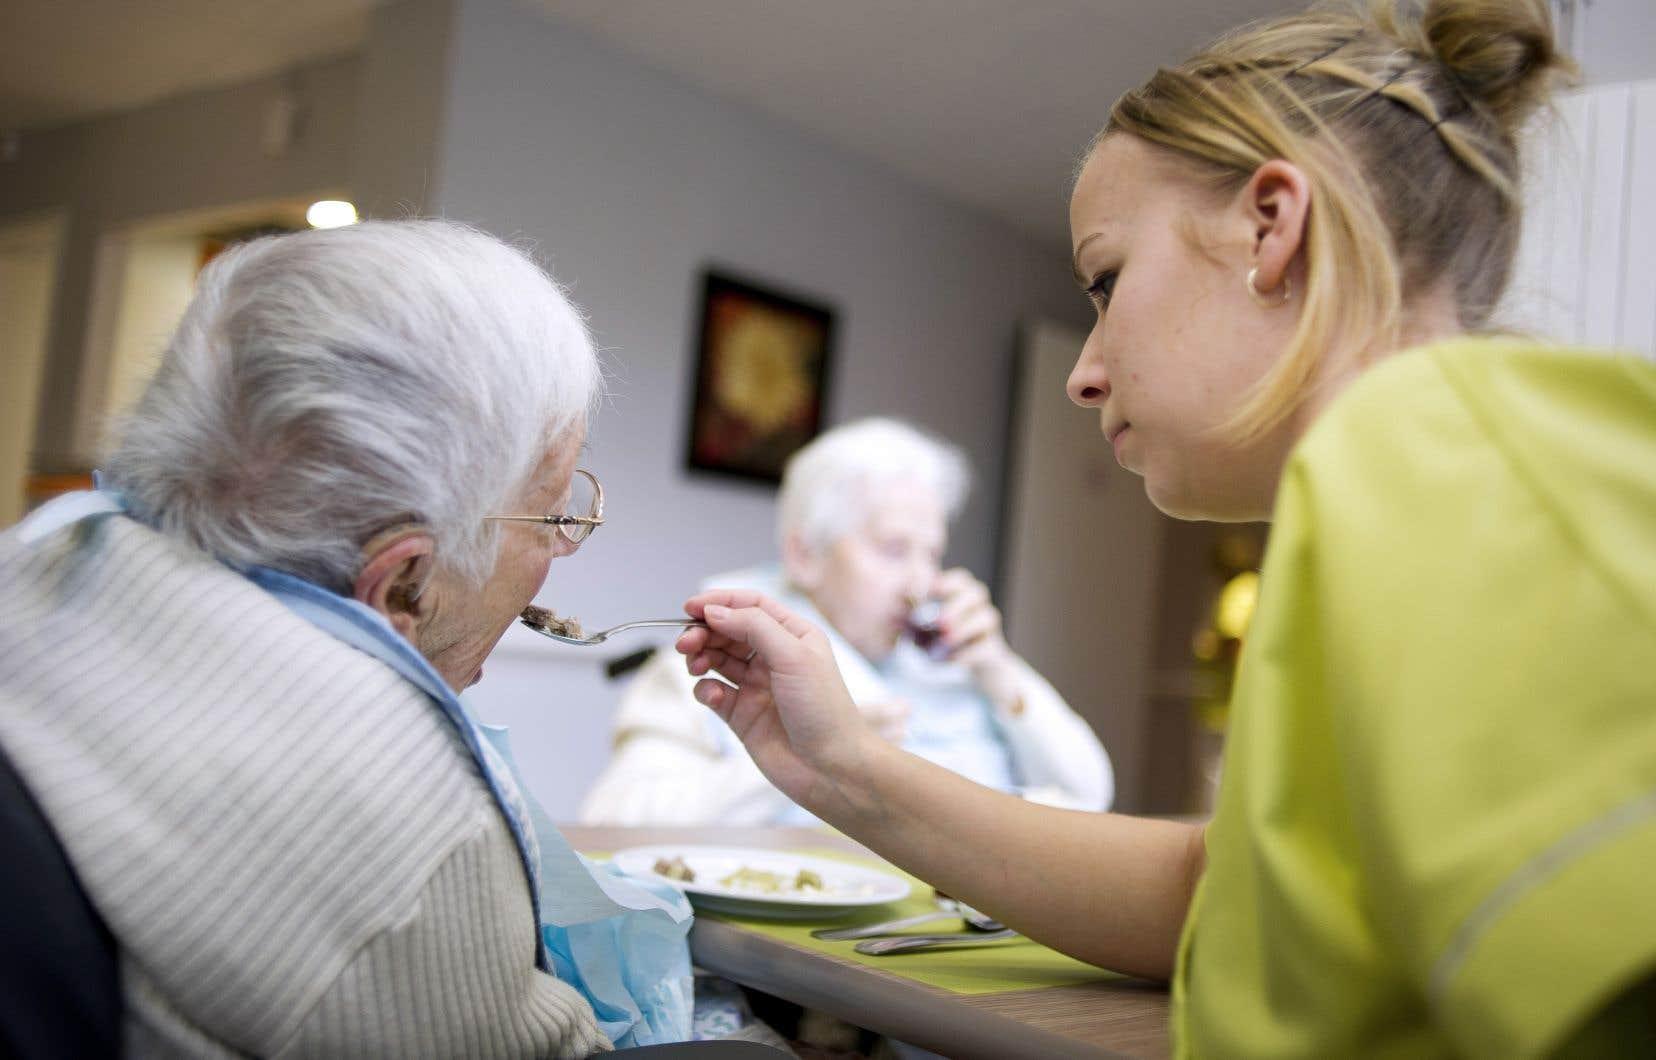 Selon un sondage réalisé en mai par la Fédération de la santé et des services sociaux auprès de 13000 travailleurs de la santé, près de 80% d'entre eux ont vu leur charge de travail augmenter depuis 3ans.